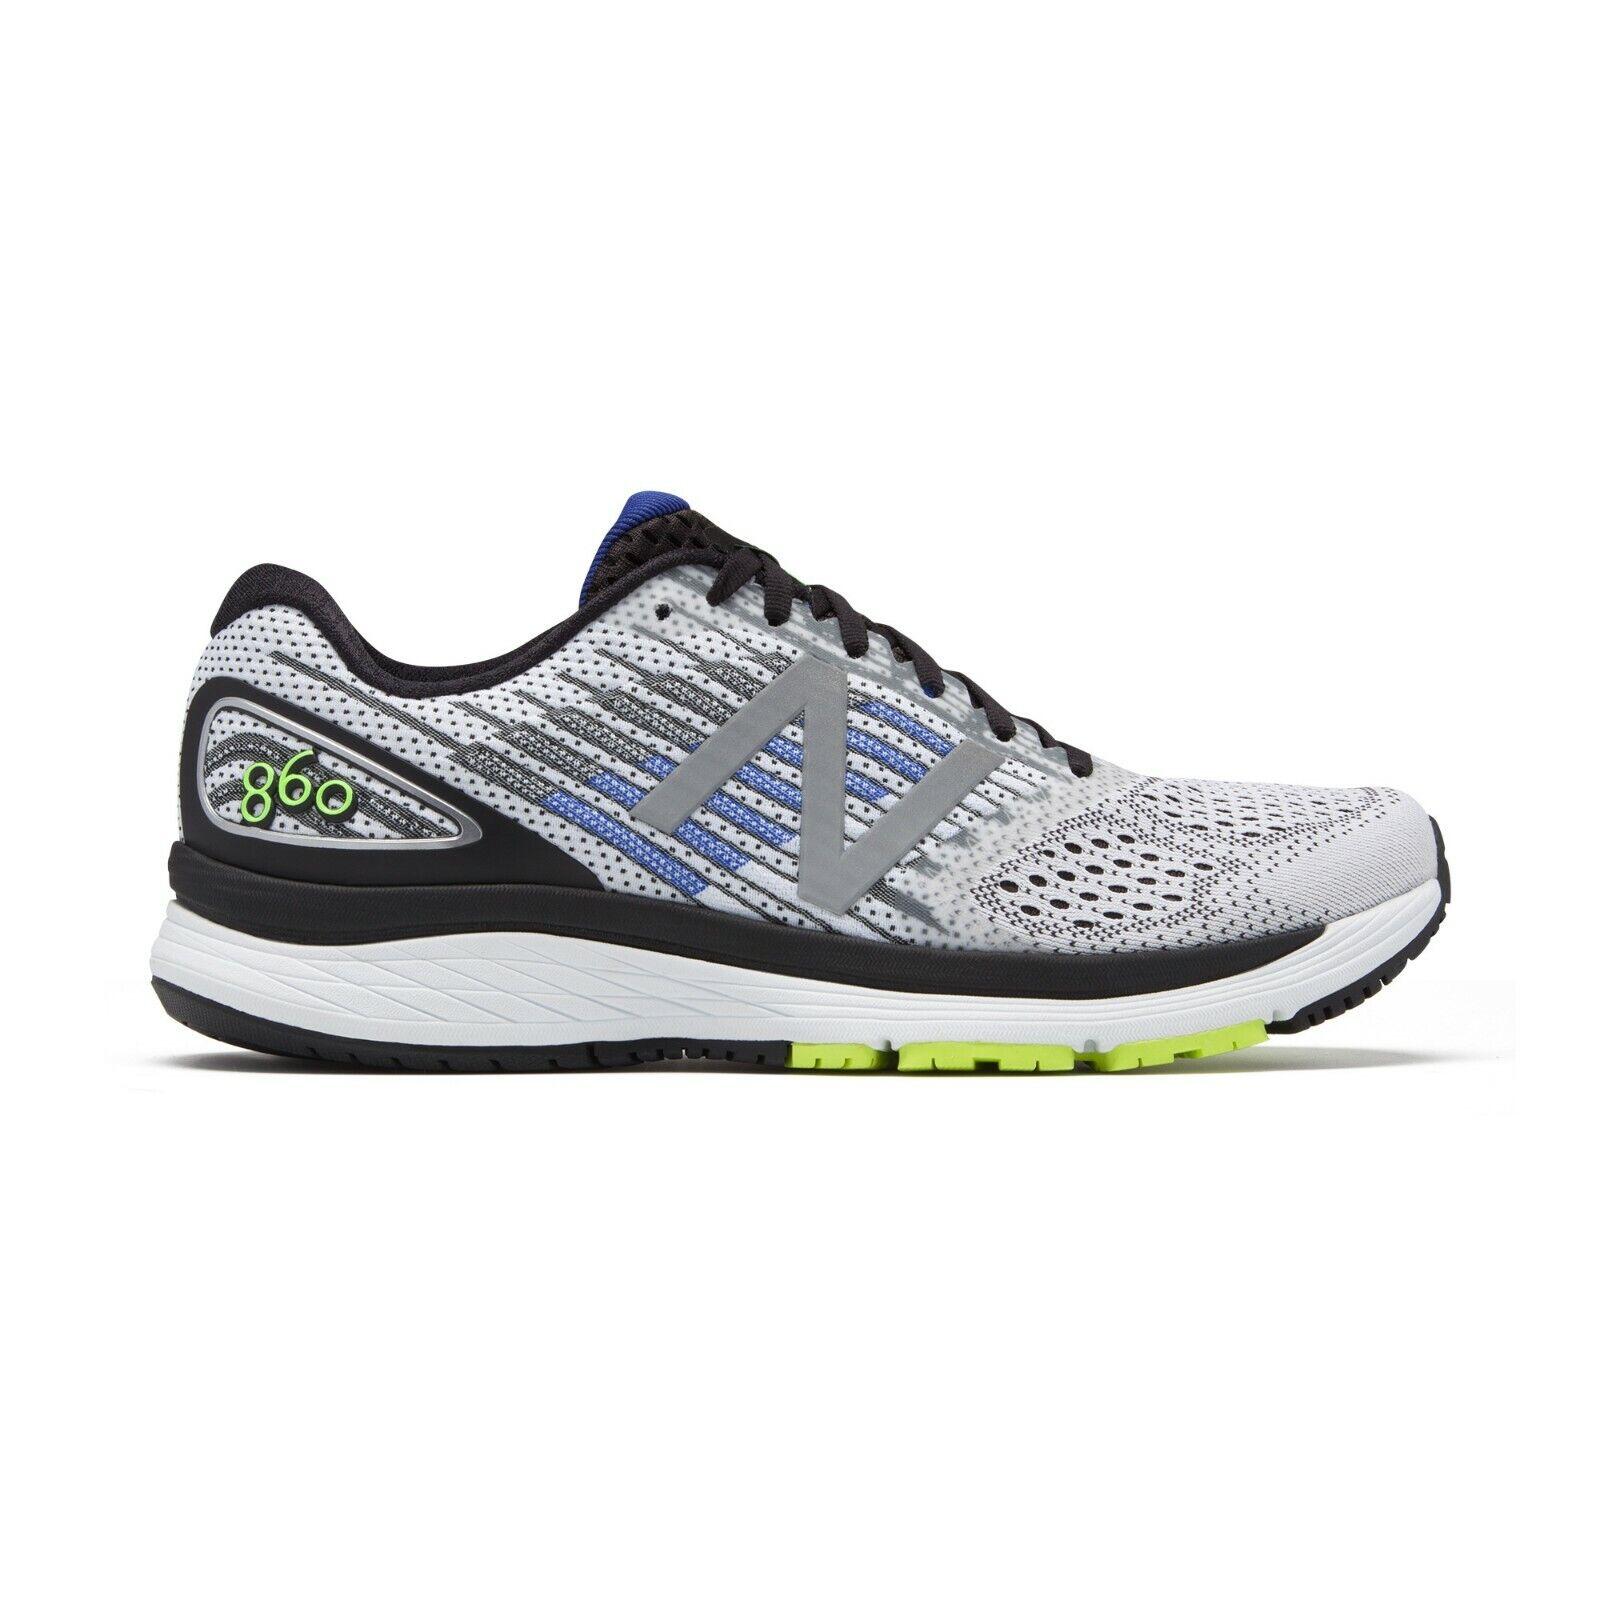 versión más reciente Zapatos de hombre para correr 860 New Balance (2E) (M860WB9)